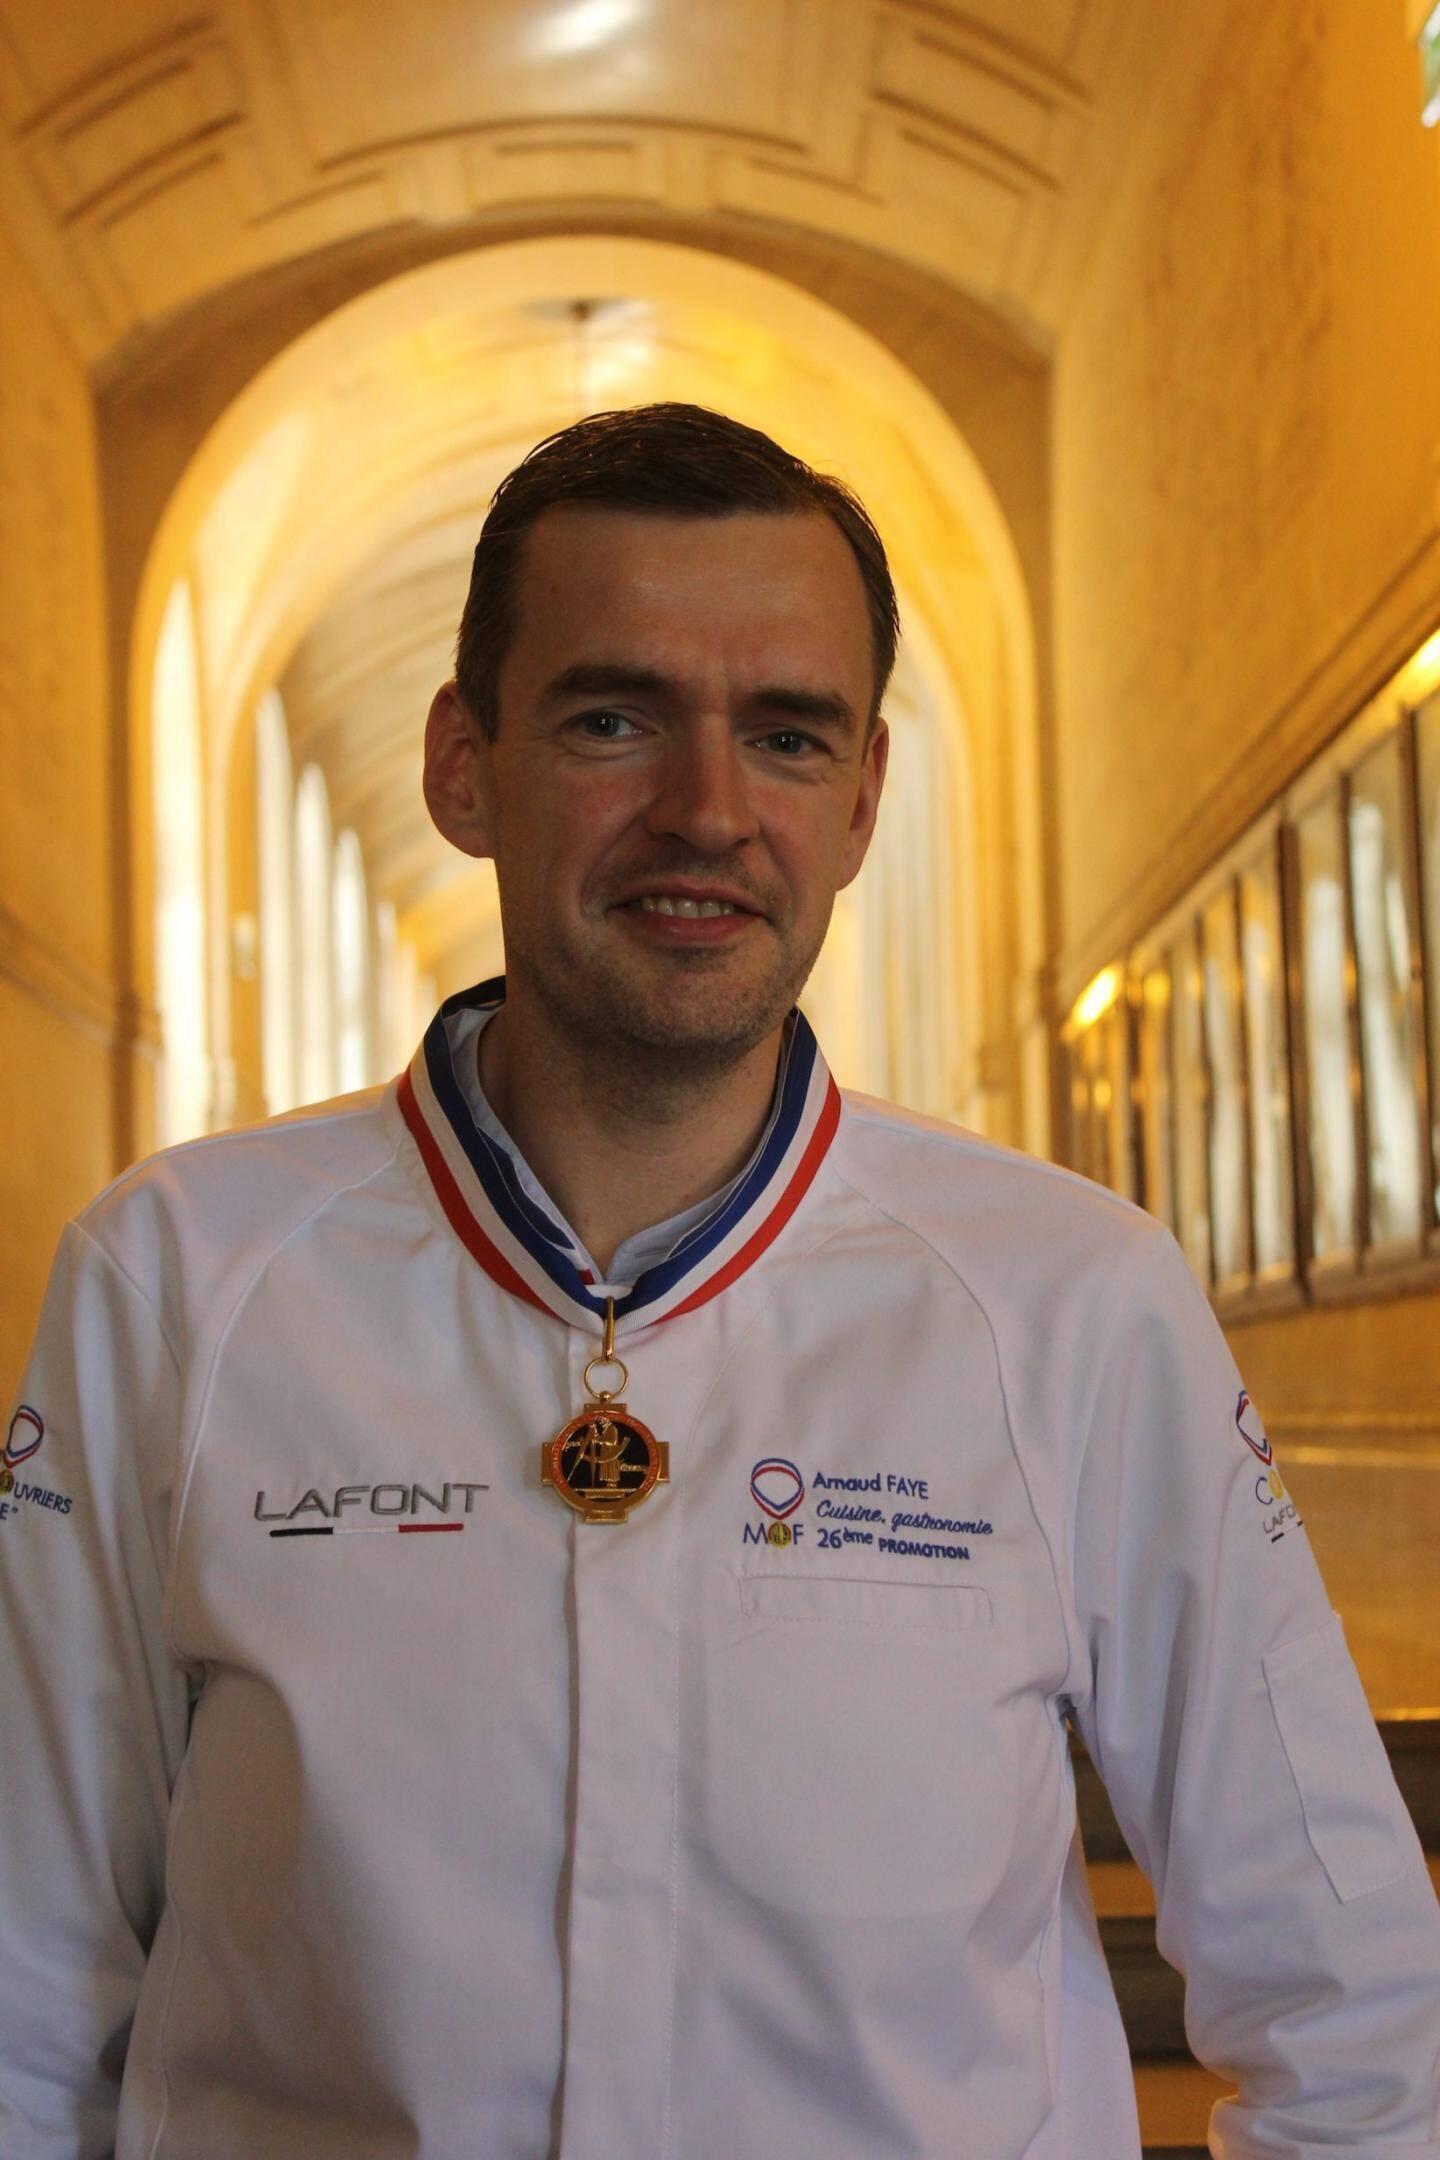 Il y a un an, Arnaud Faye devenait l'un des Meilleurs ouvriers de France.